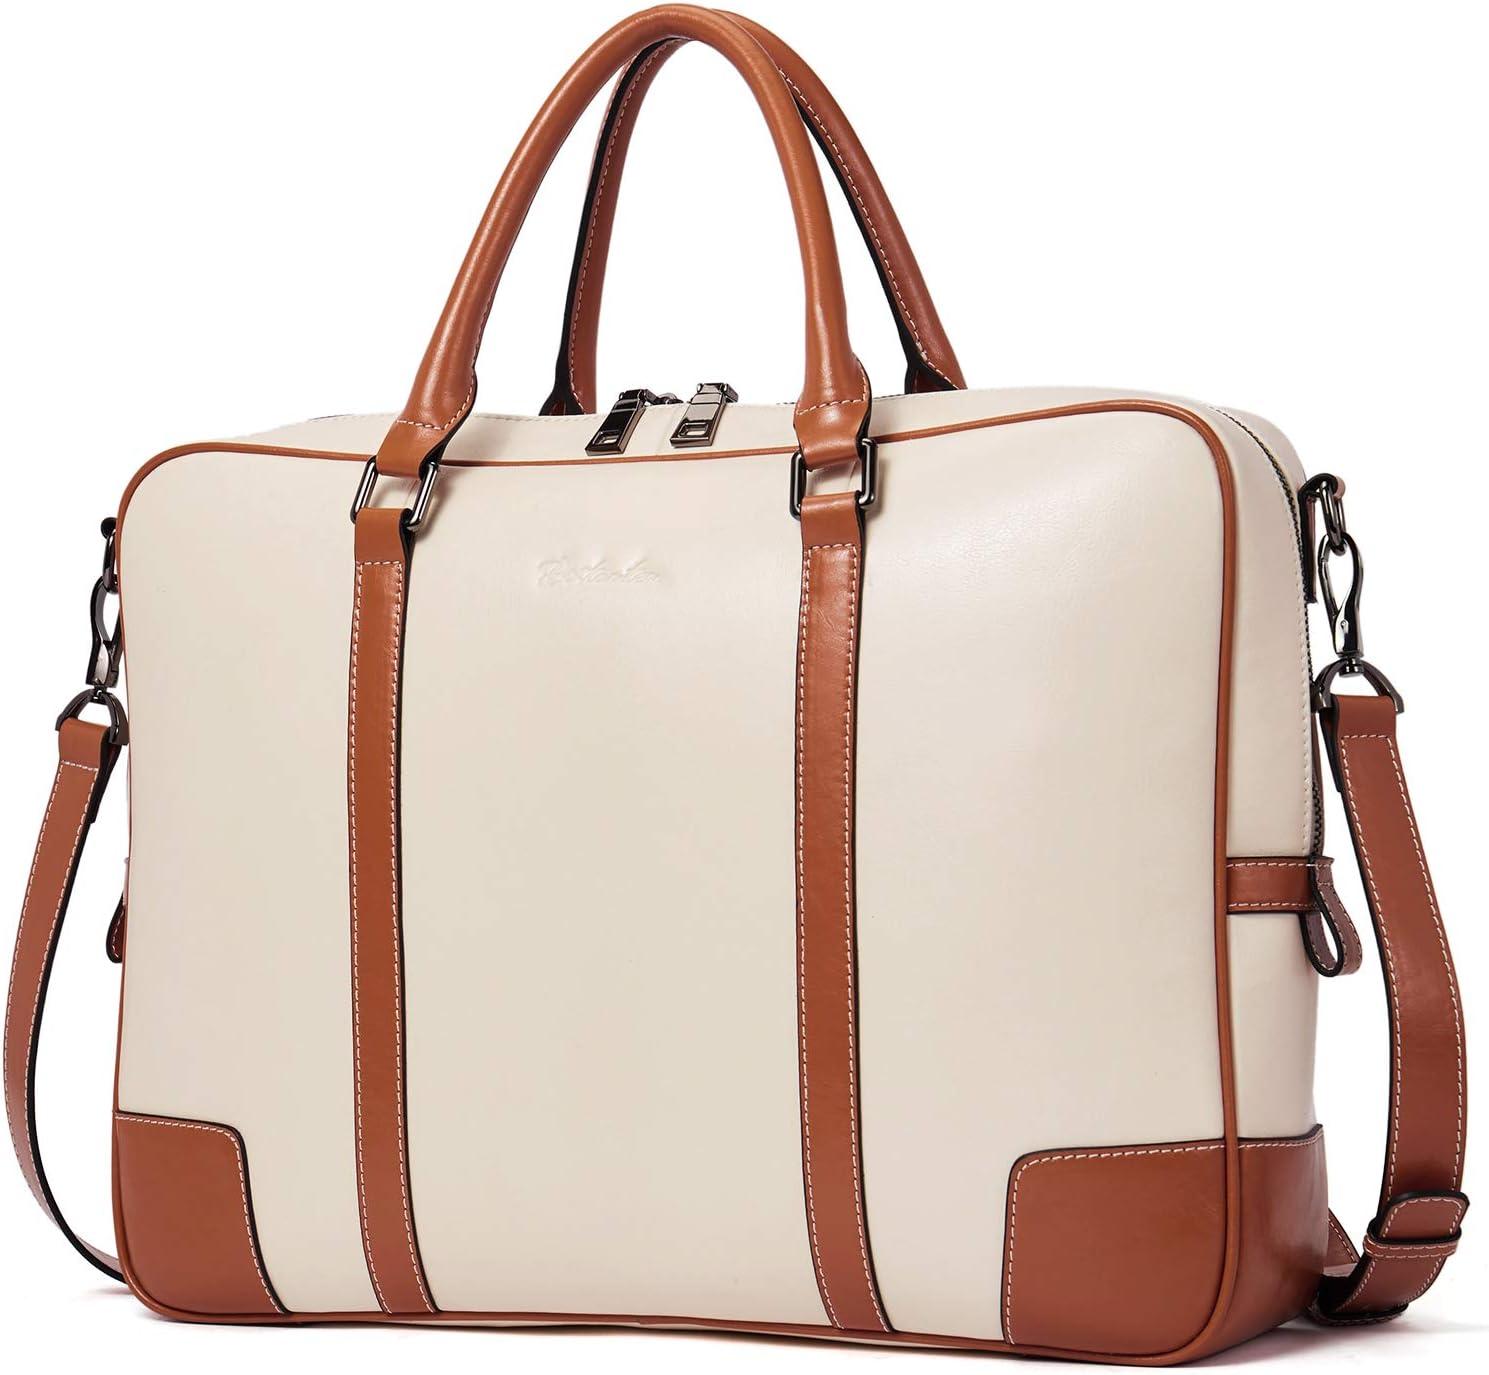 BOSTANTEN Leather Briefcase Messenger Satchel Bags Laptop Handbags for Women Apricot